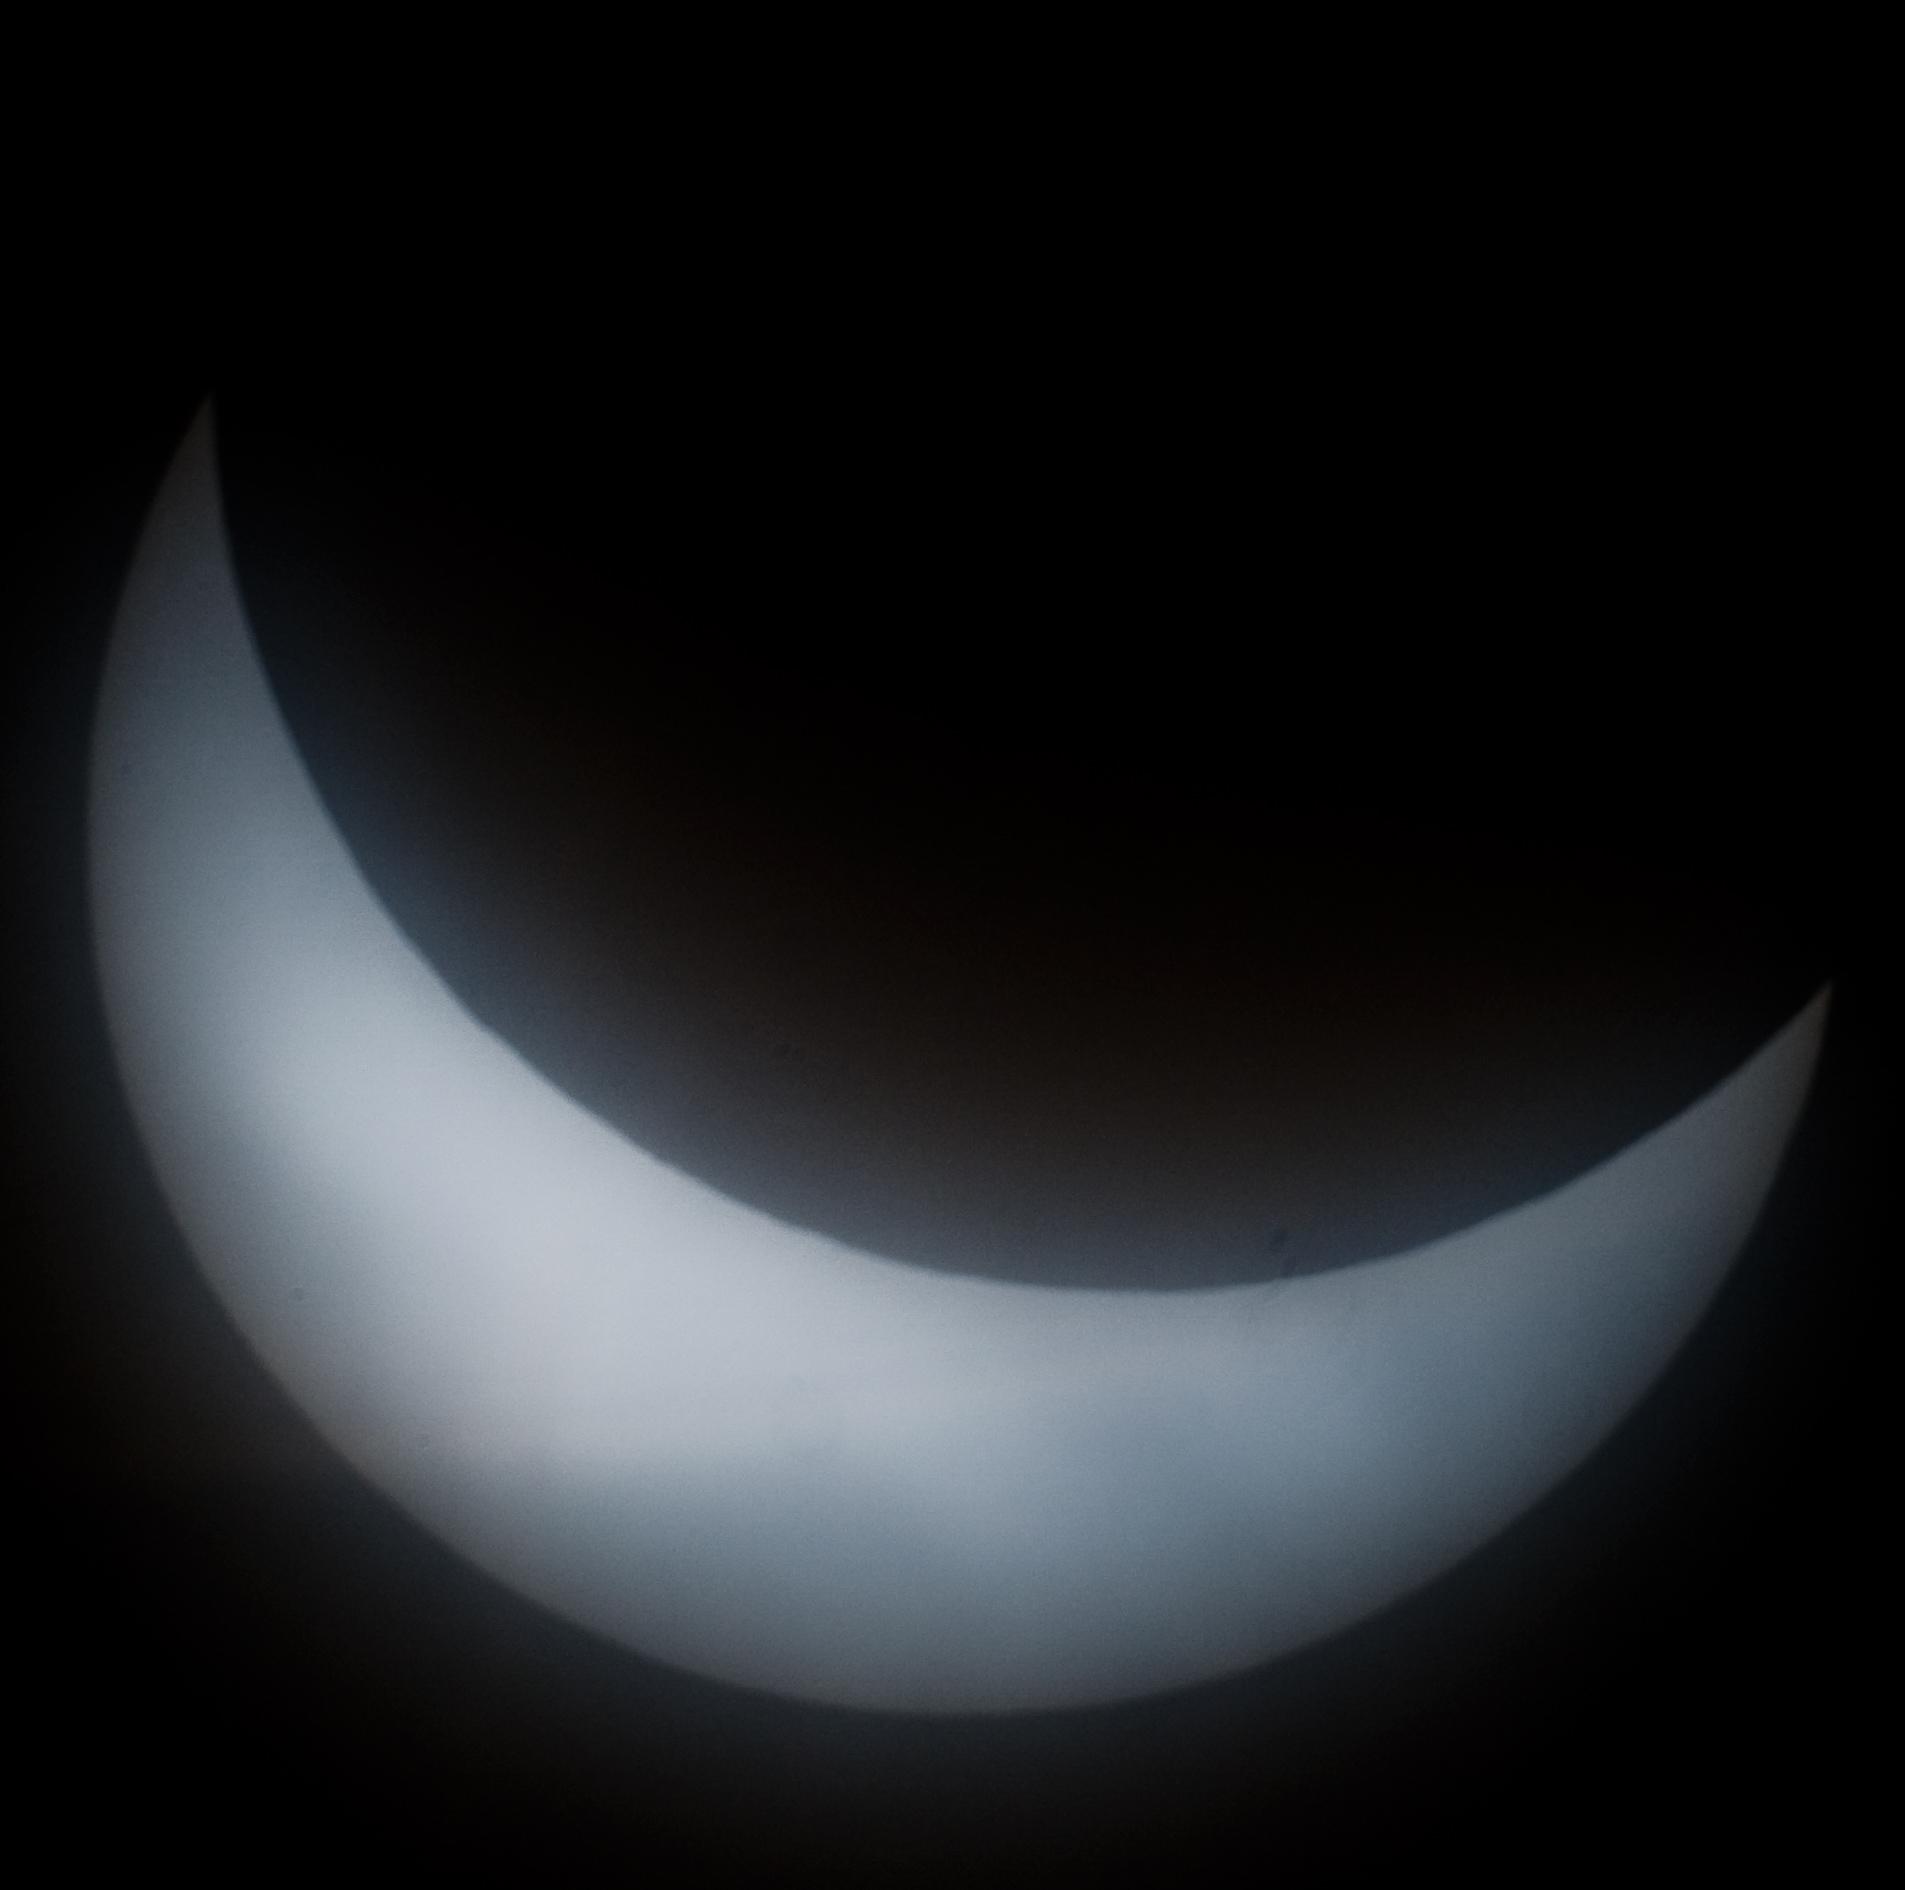 Preums, éclipse, la fin  Eclips_21050320_7400